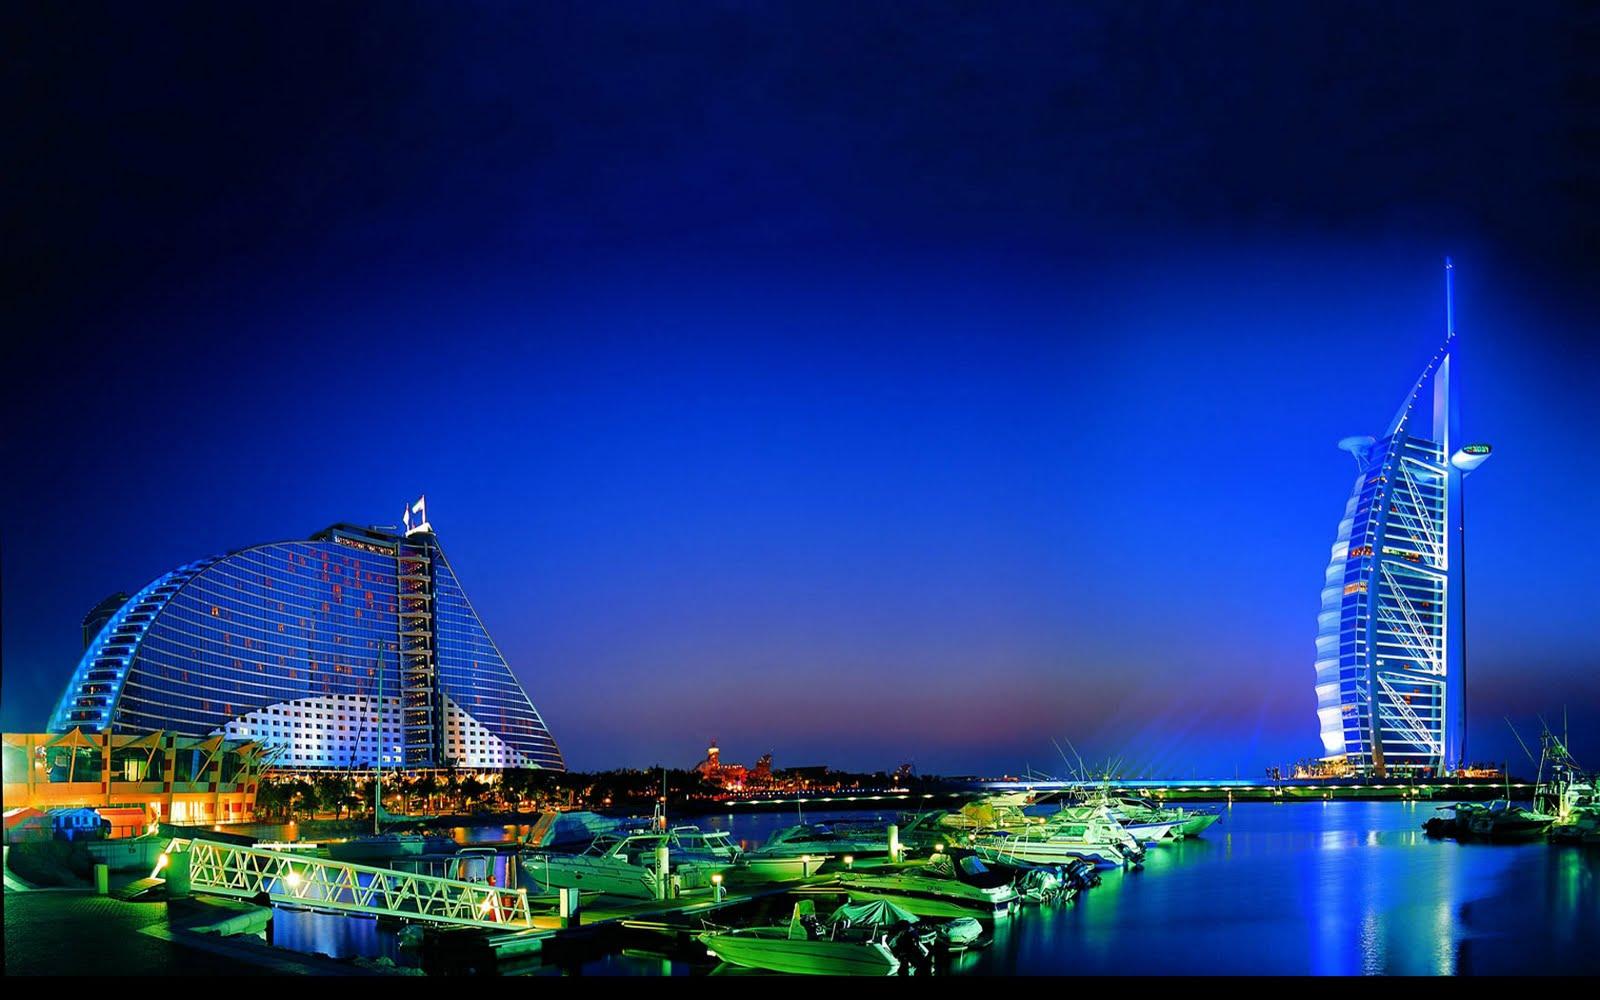 http://1.bp.blogspot.com/_ctpyYW_Wx_w/TP_gxigxkSI/AAAAAAAACKo/Hv-9f_a4THo/s1600/Dubai-Jumeirah-Beach-Wallpaper.jpg